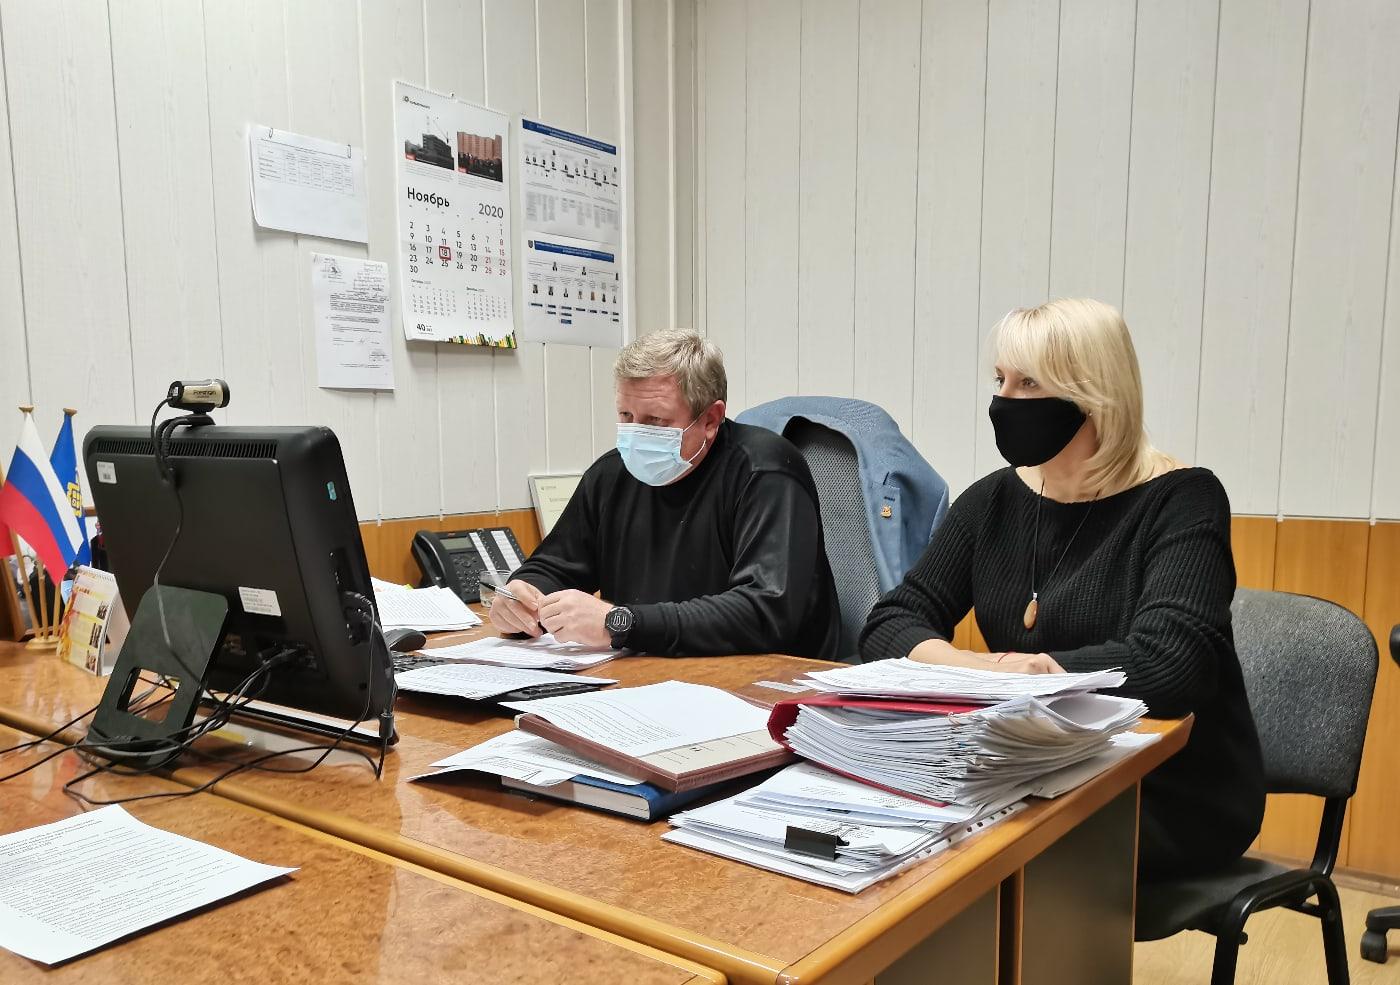 В Тольятти закрыли магазин, нарушавший ограничения по коронавирусу